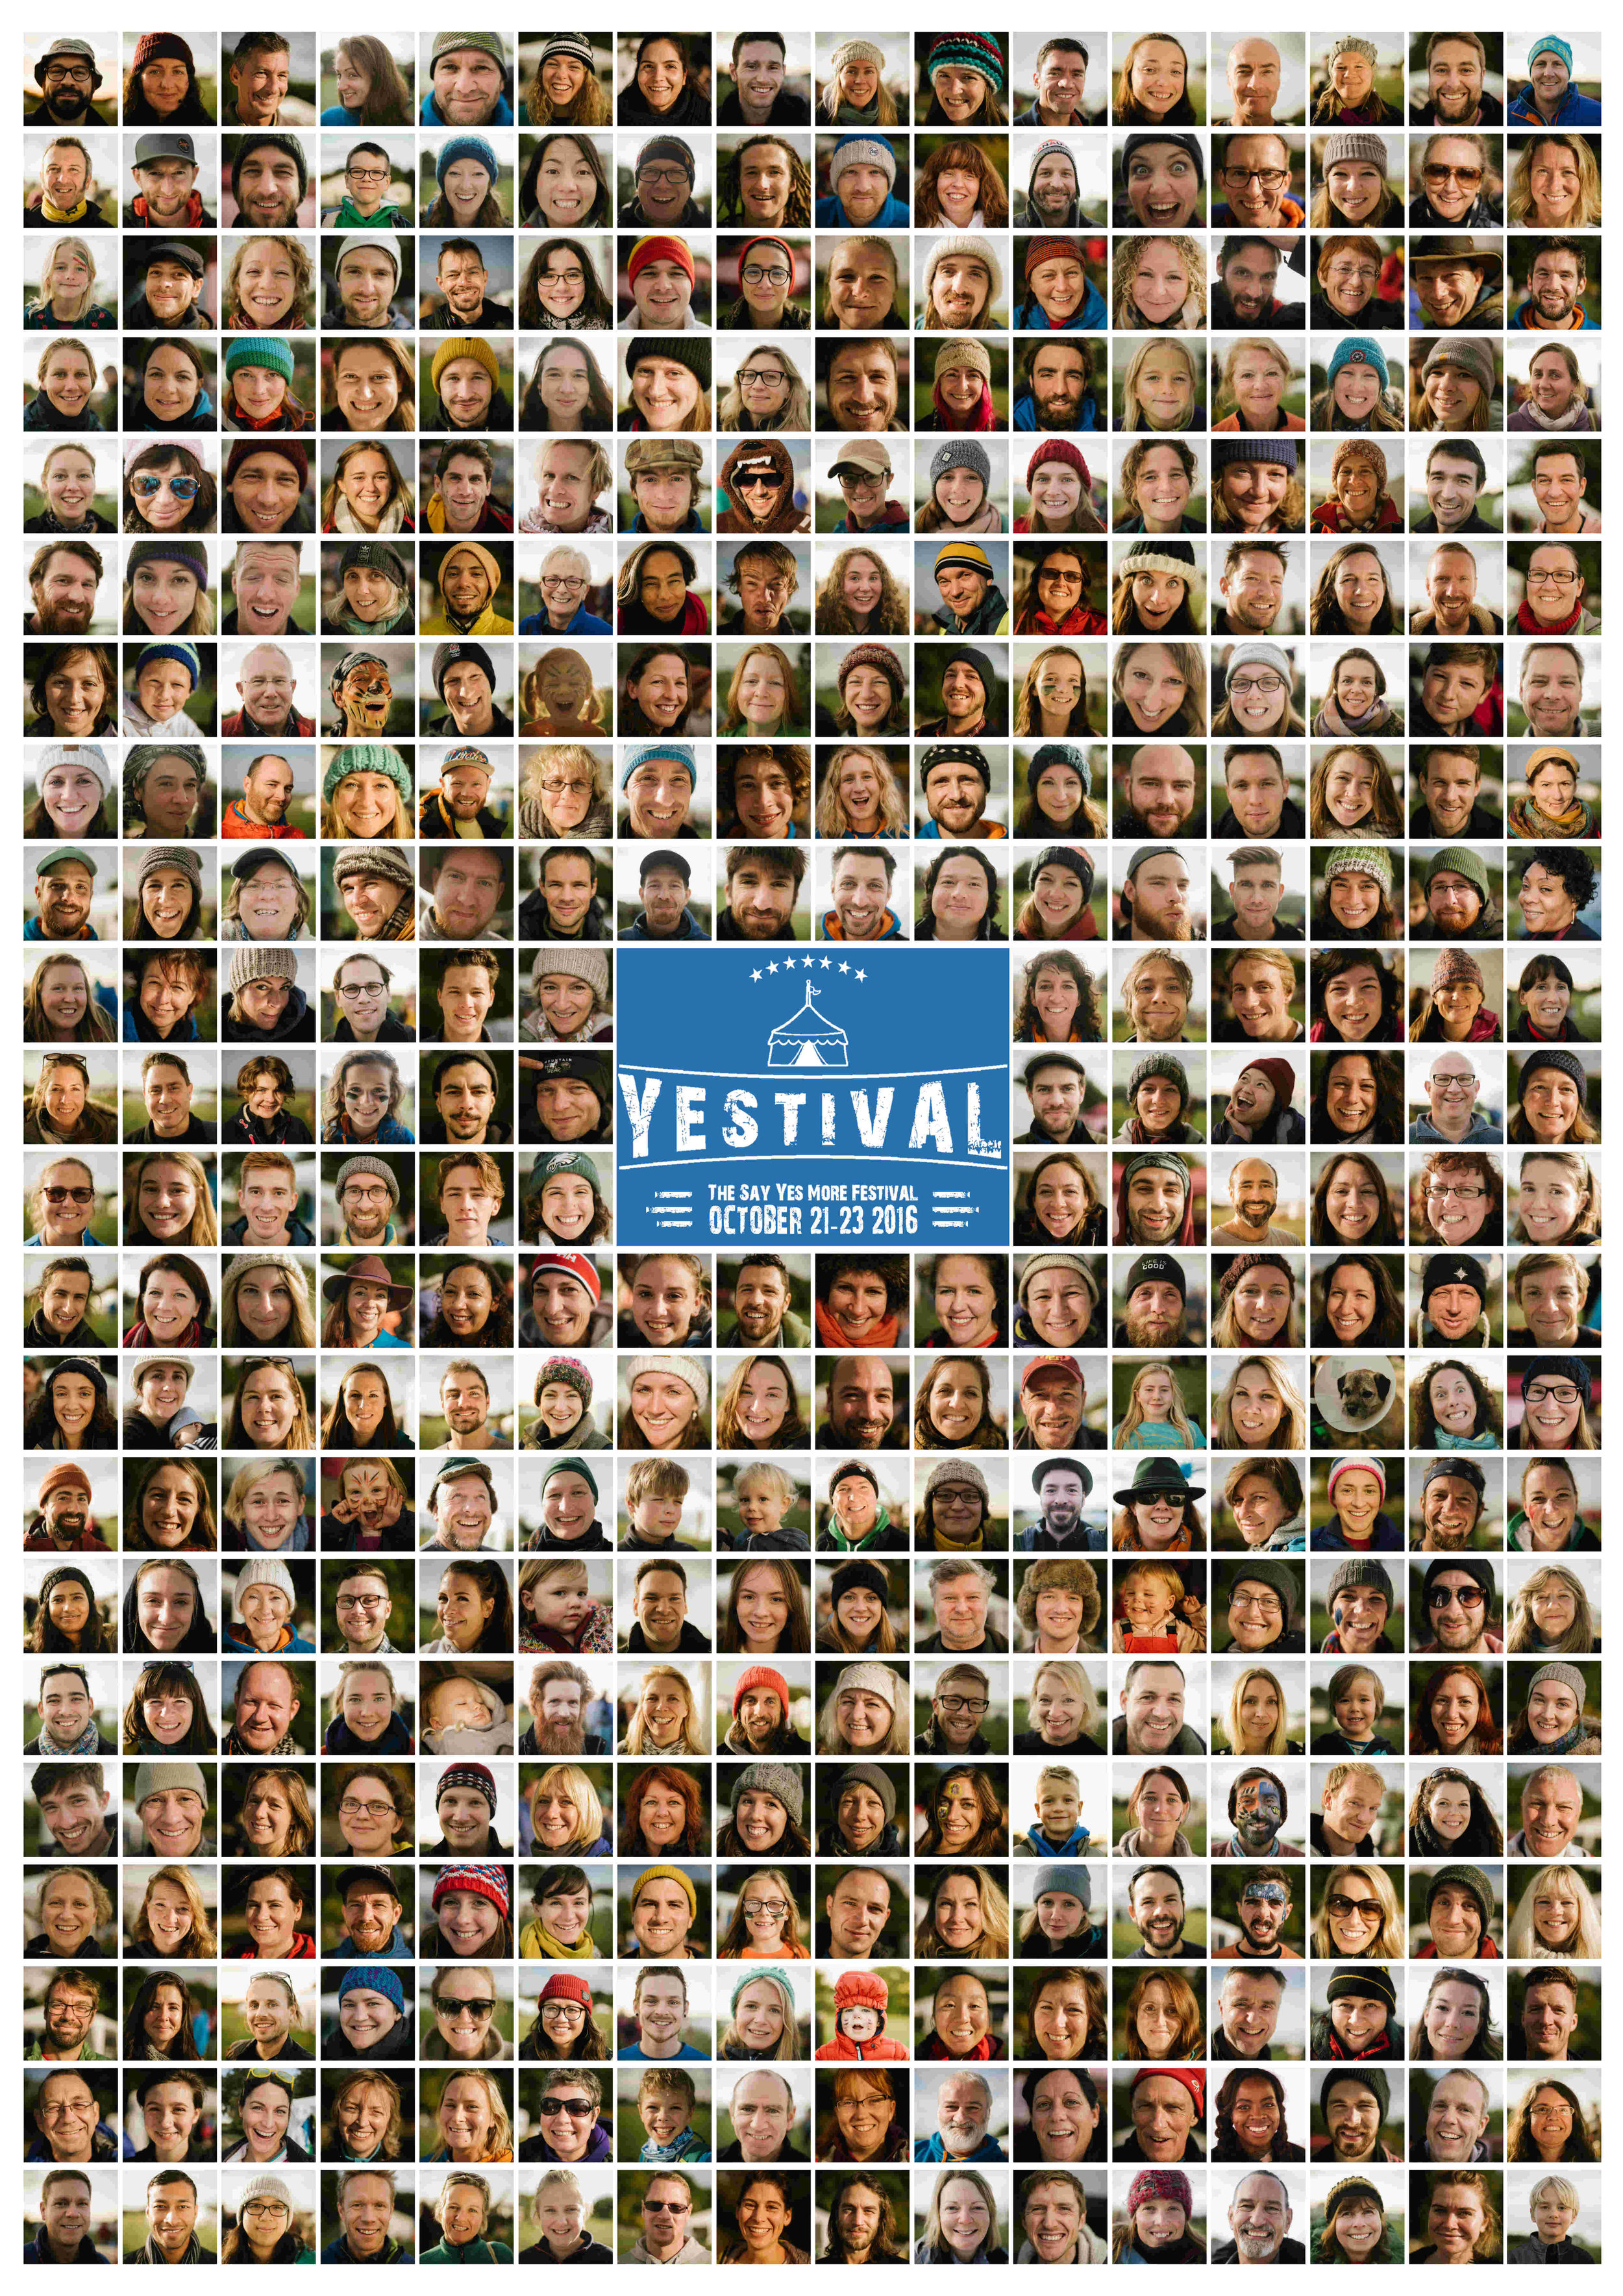 Faces of Yestival 2016 LR.jpg